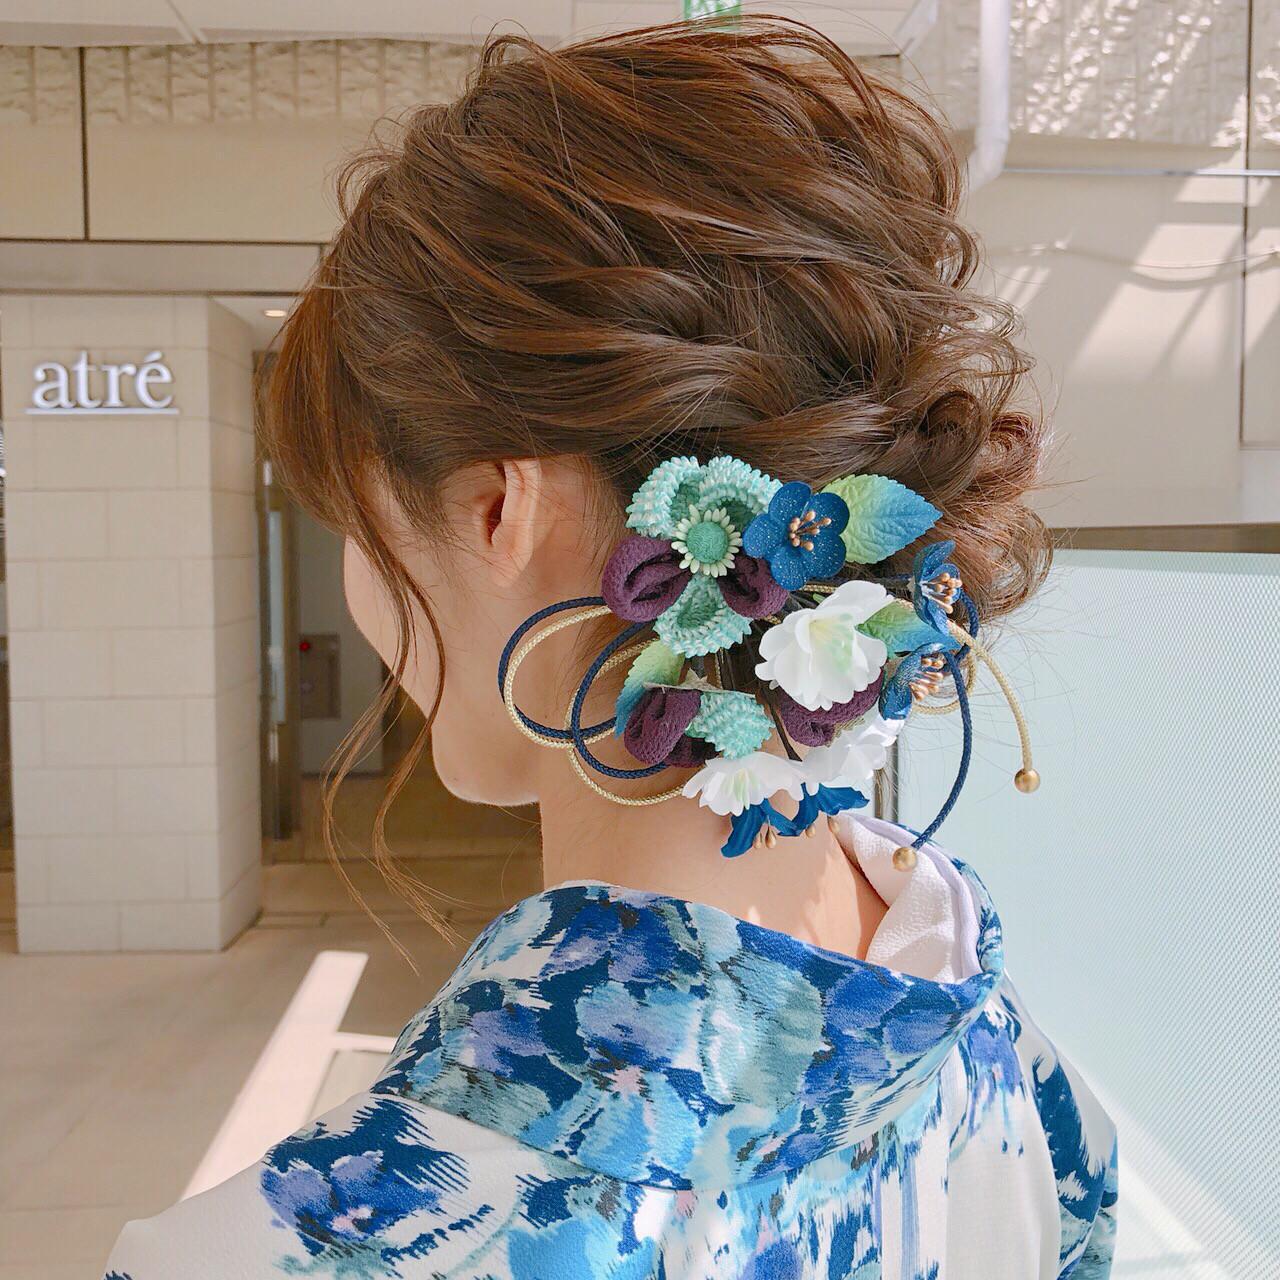 和装 アップスタイル 上品 エレガント ヘアスタイルや髪型の写真・画像